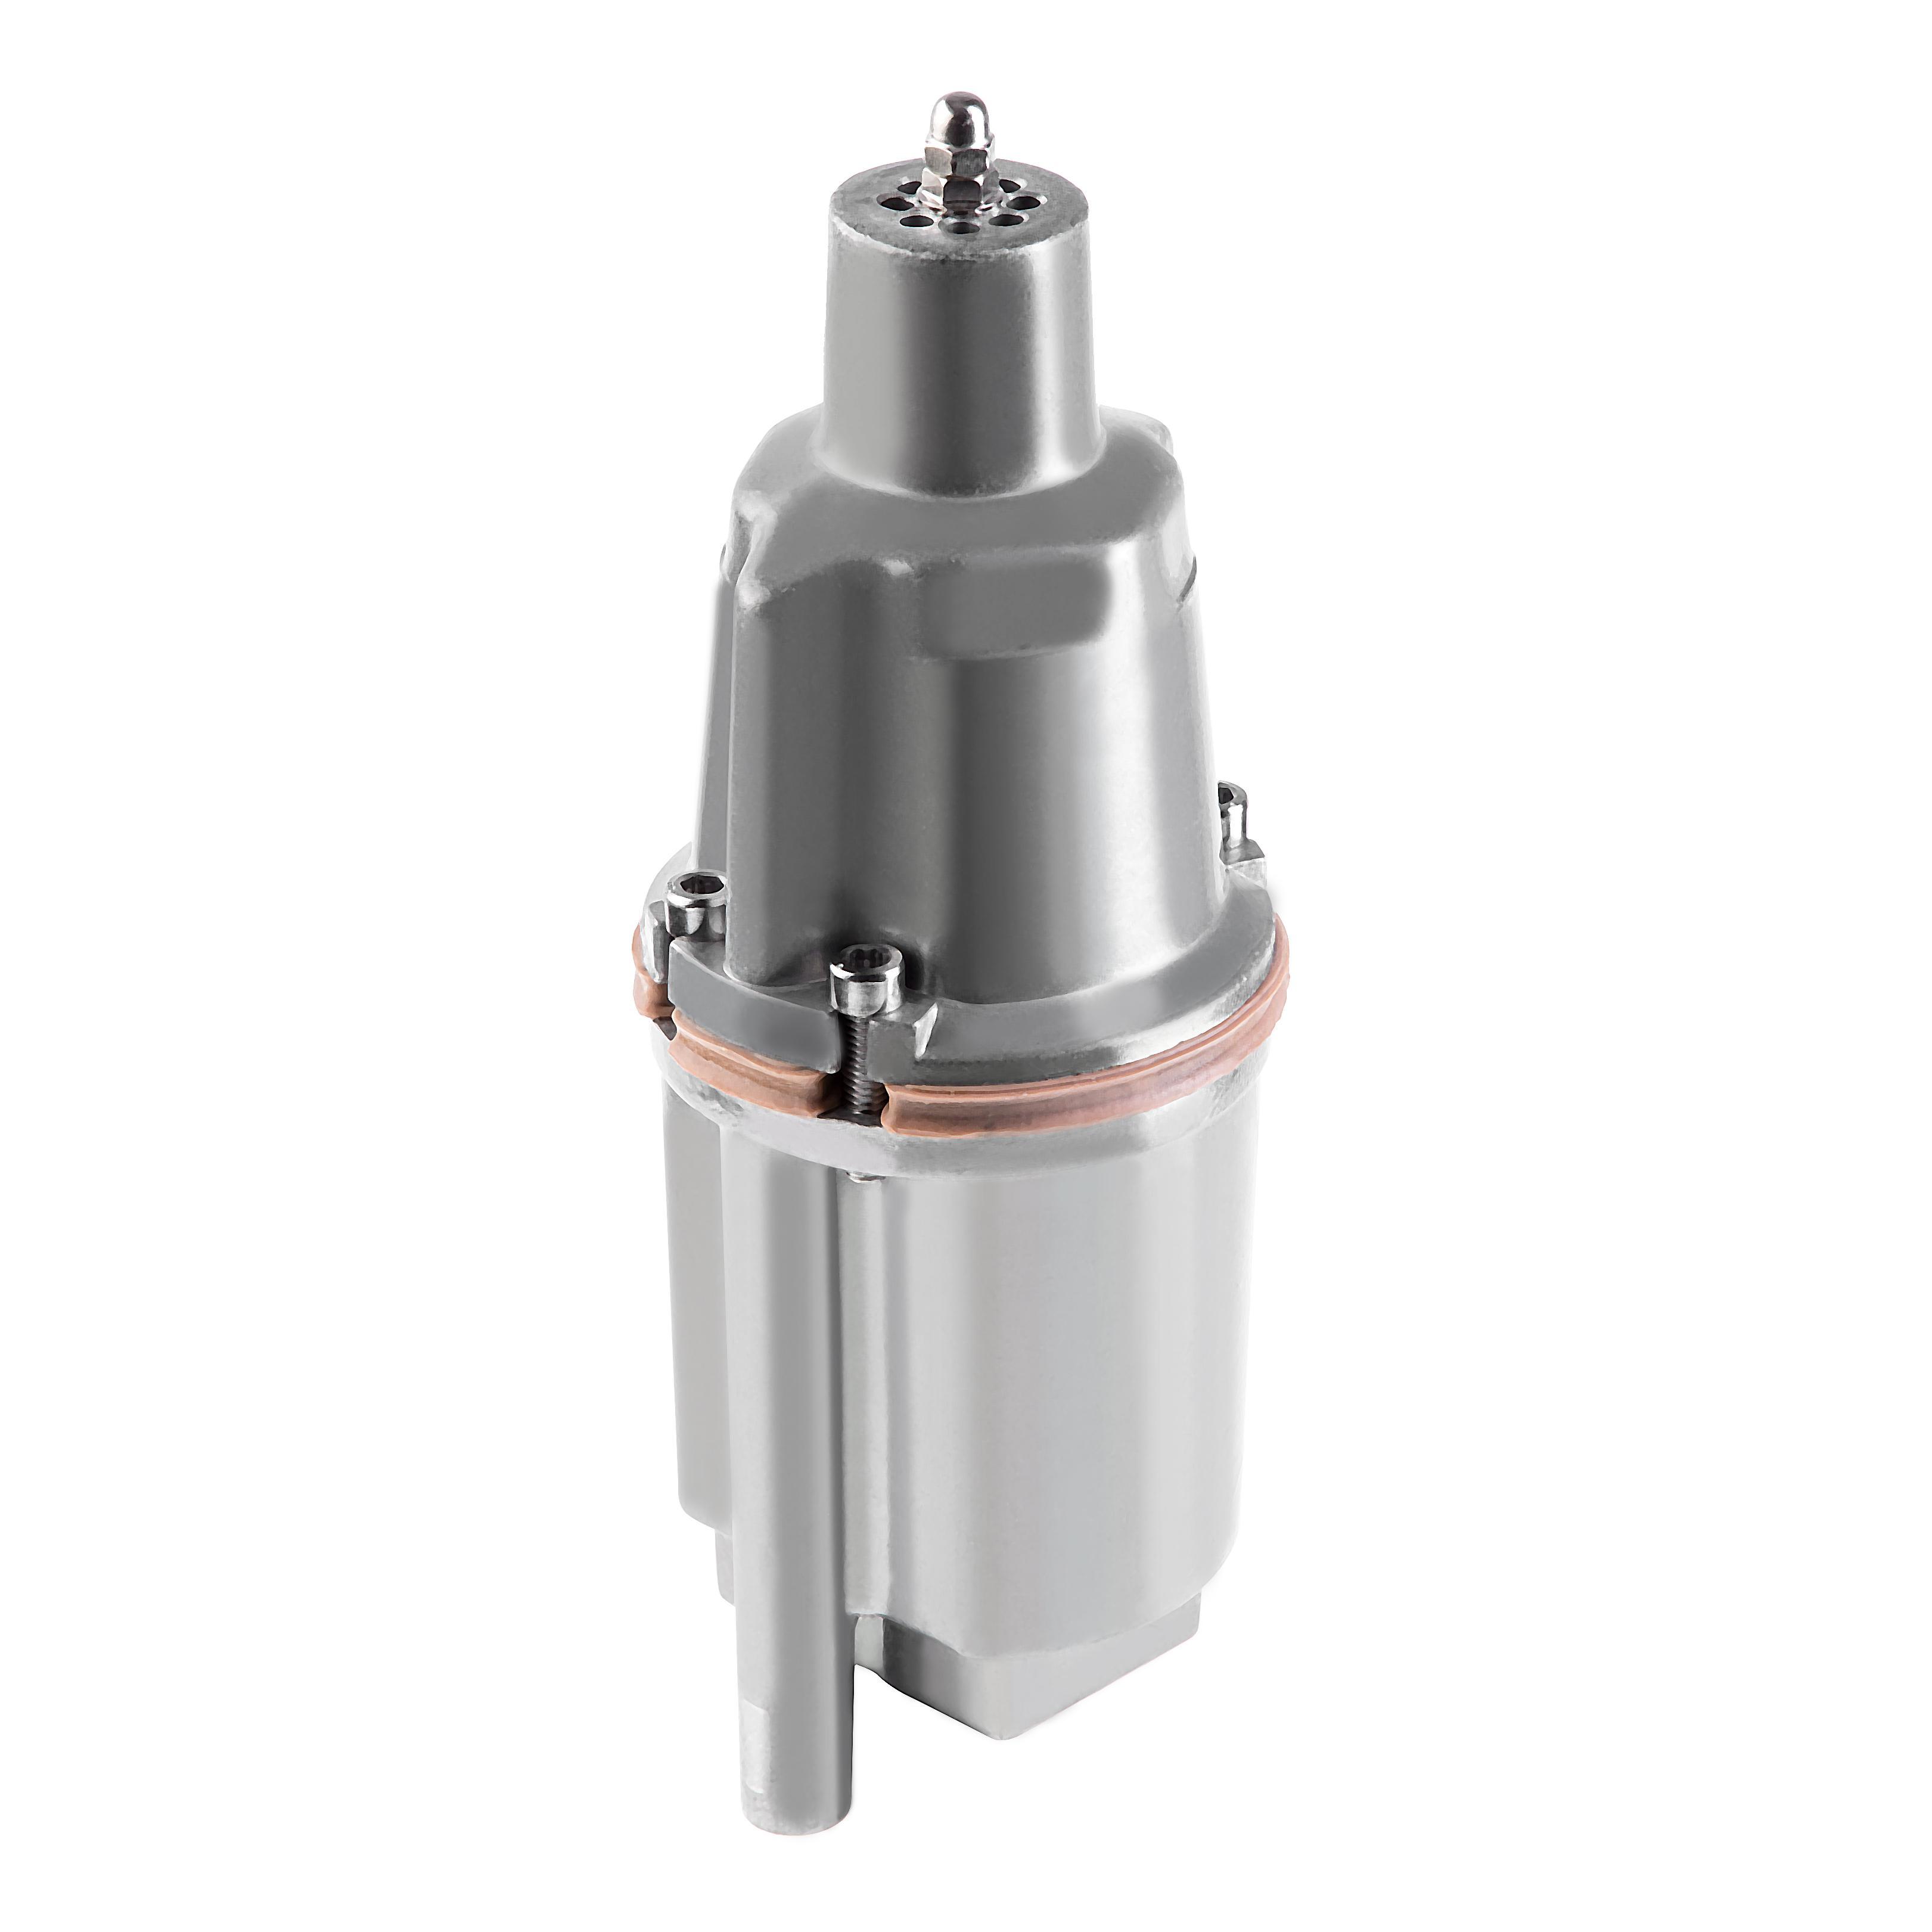 Погружной вибрационный насос Hammer Nap200А (40) погружной вибрационный насос hammer nap200 16